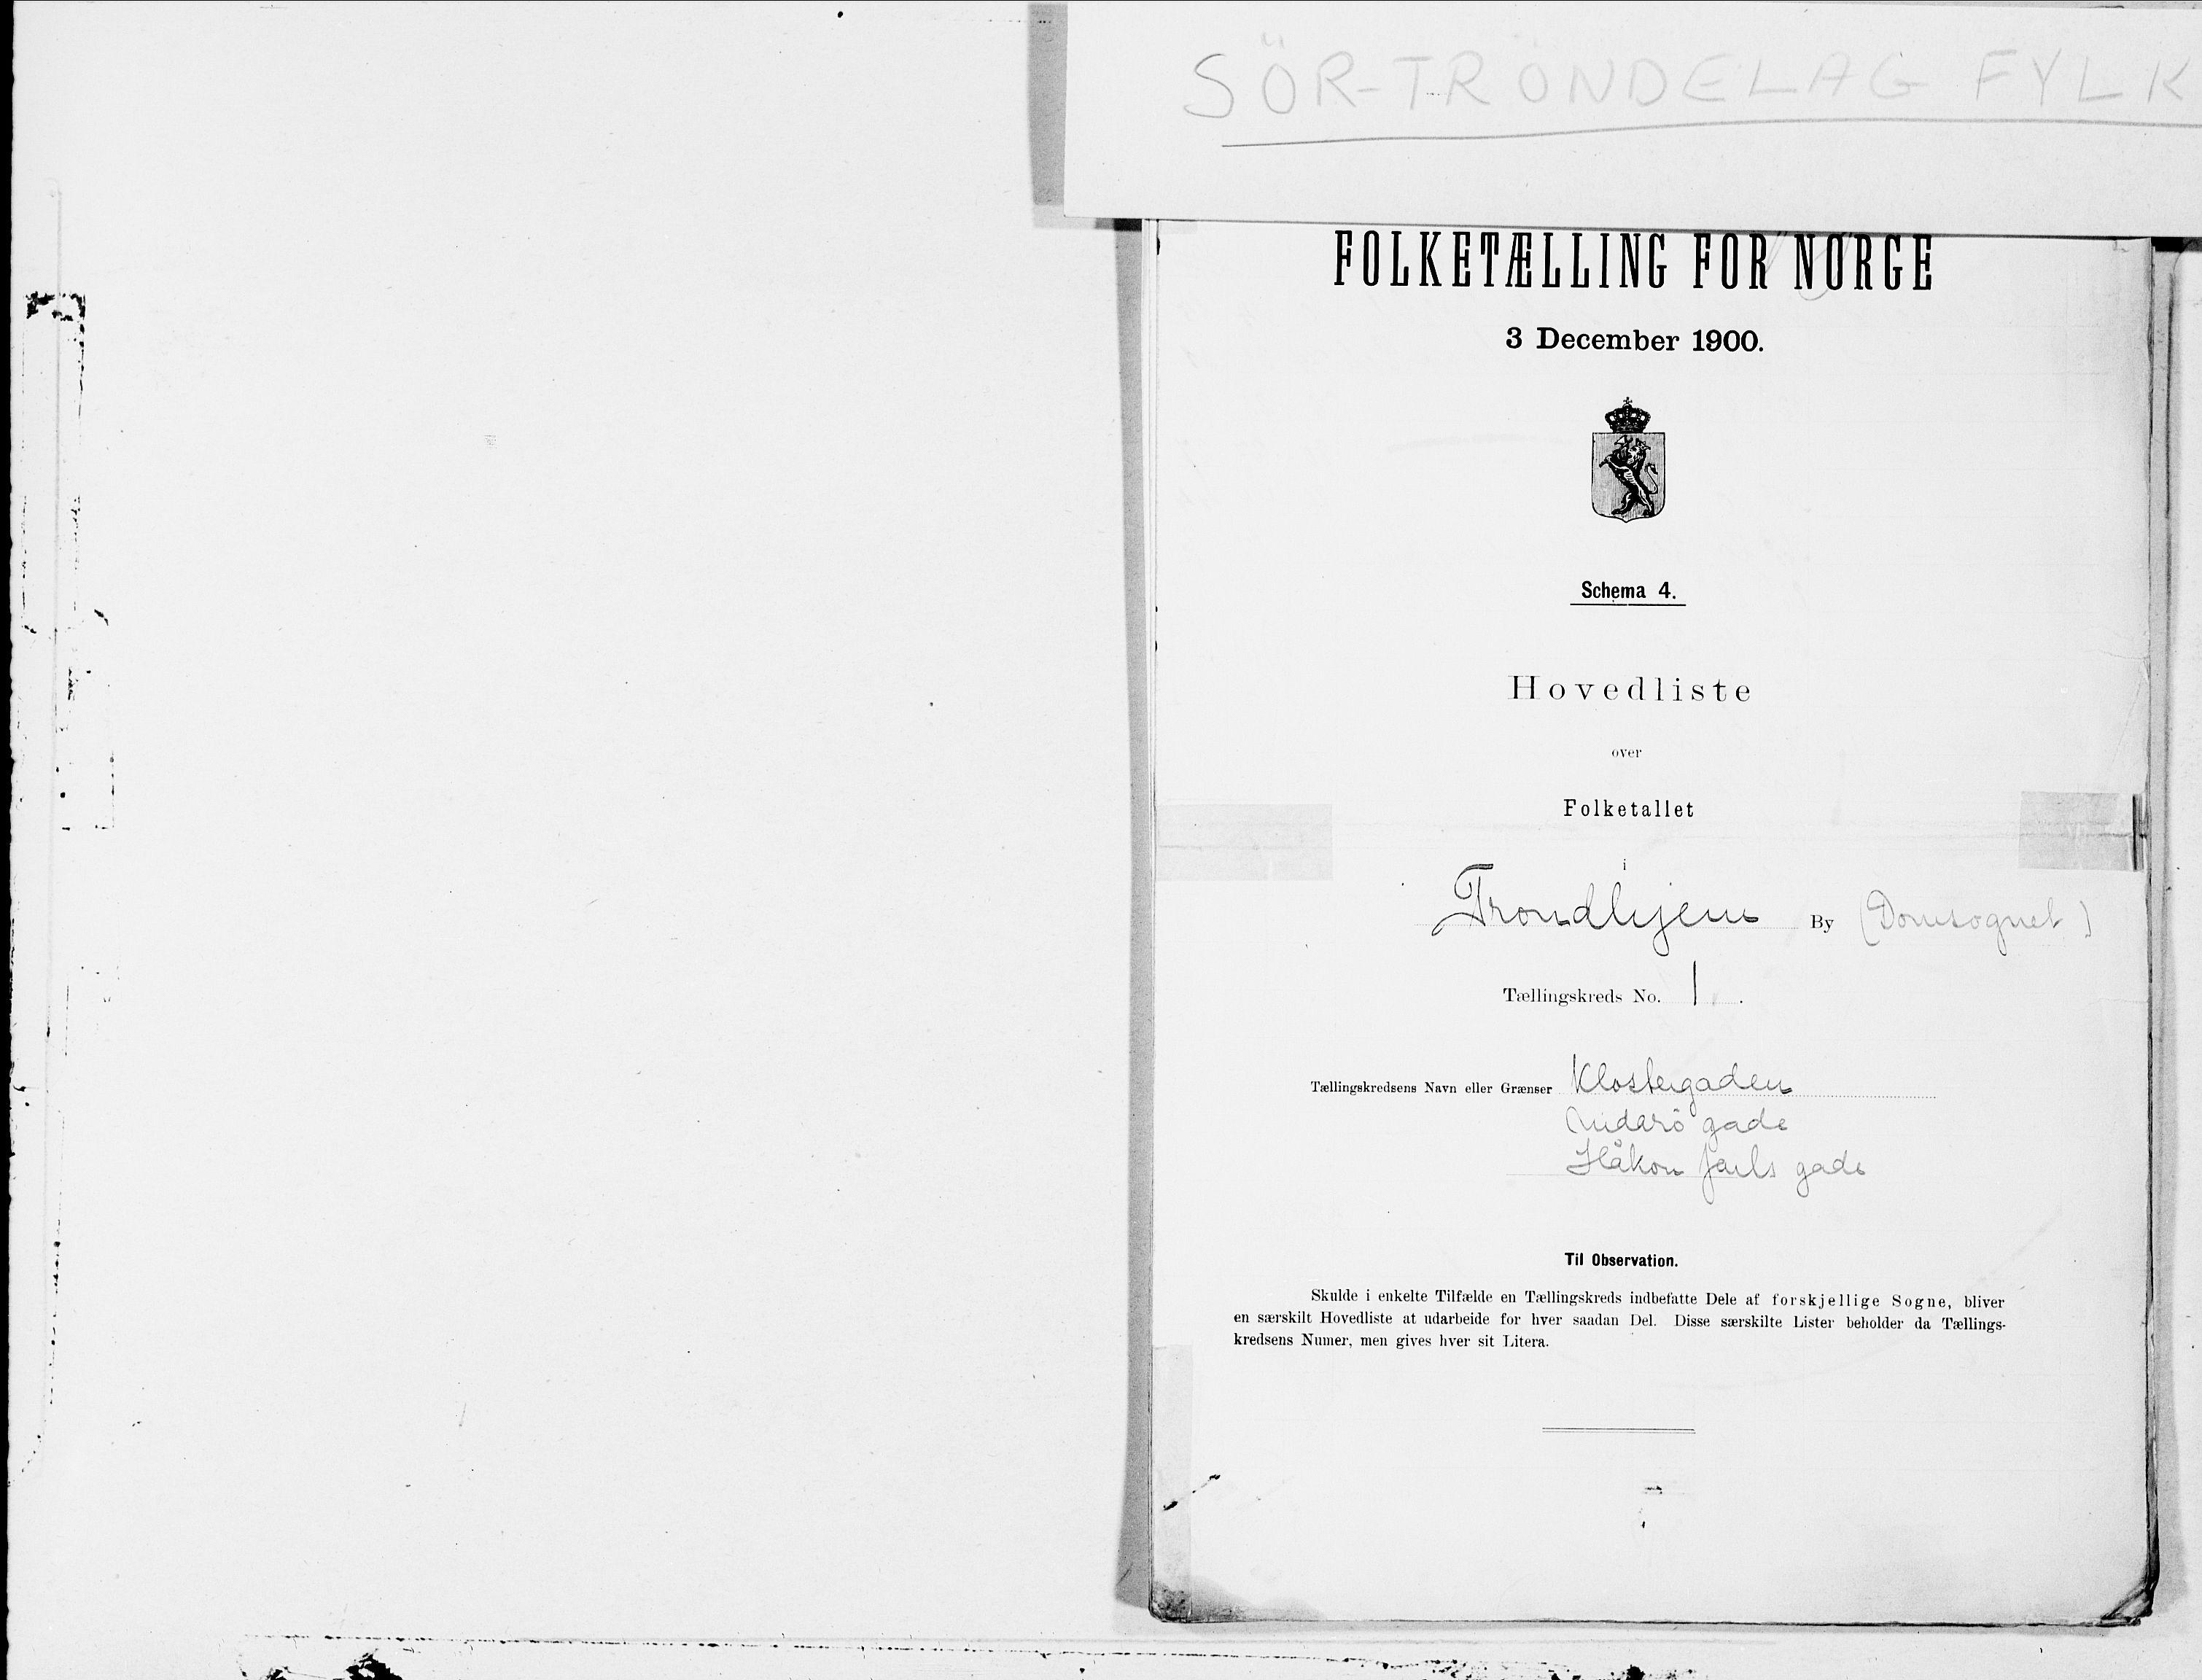 SAT, 1900 census for Trondheim, 1900, p. 1